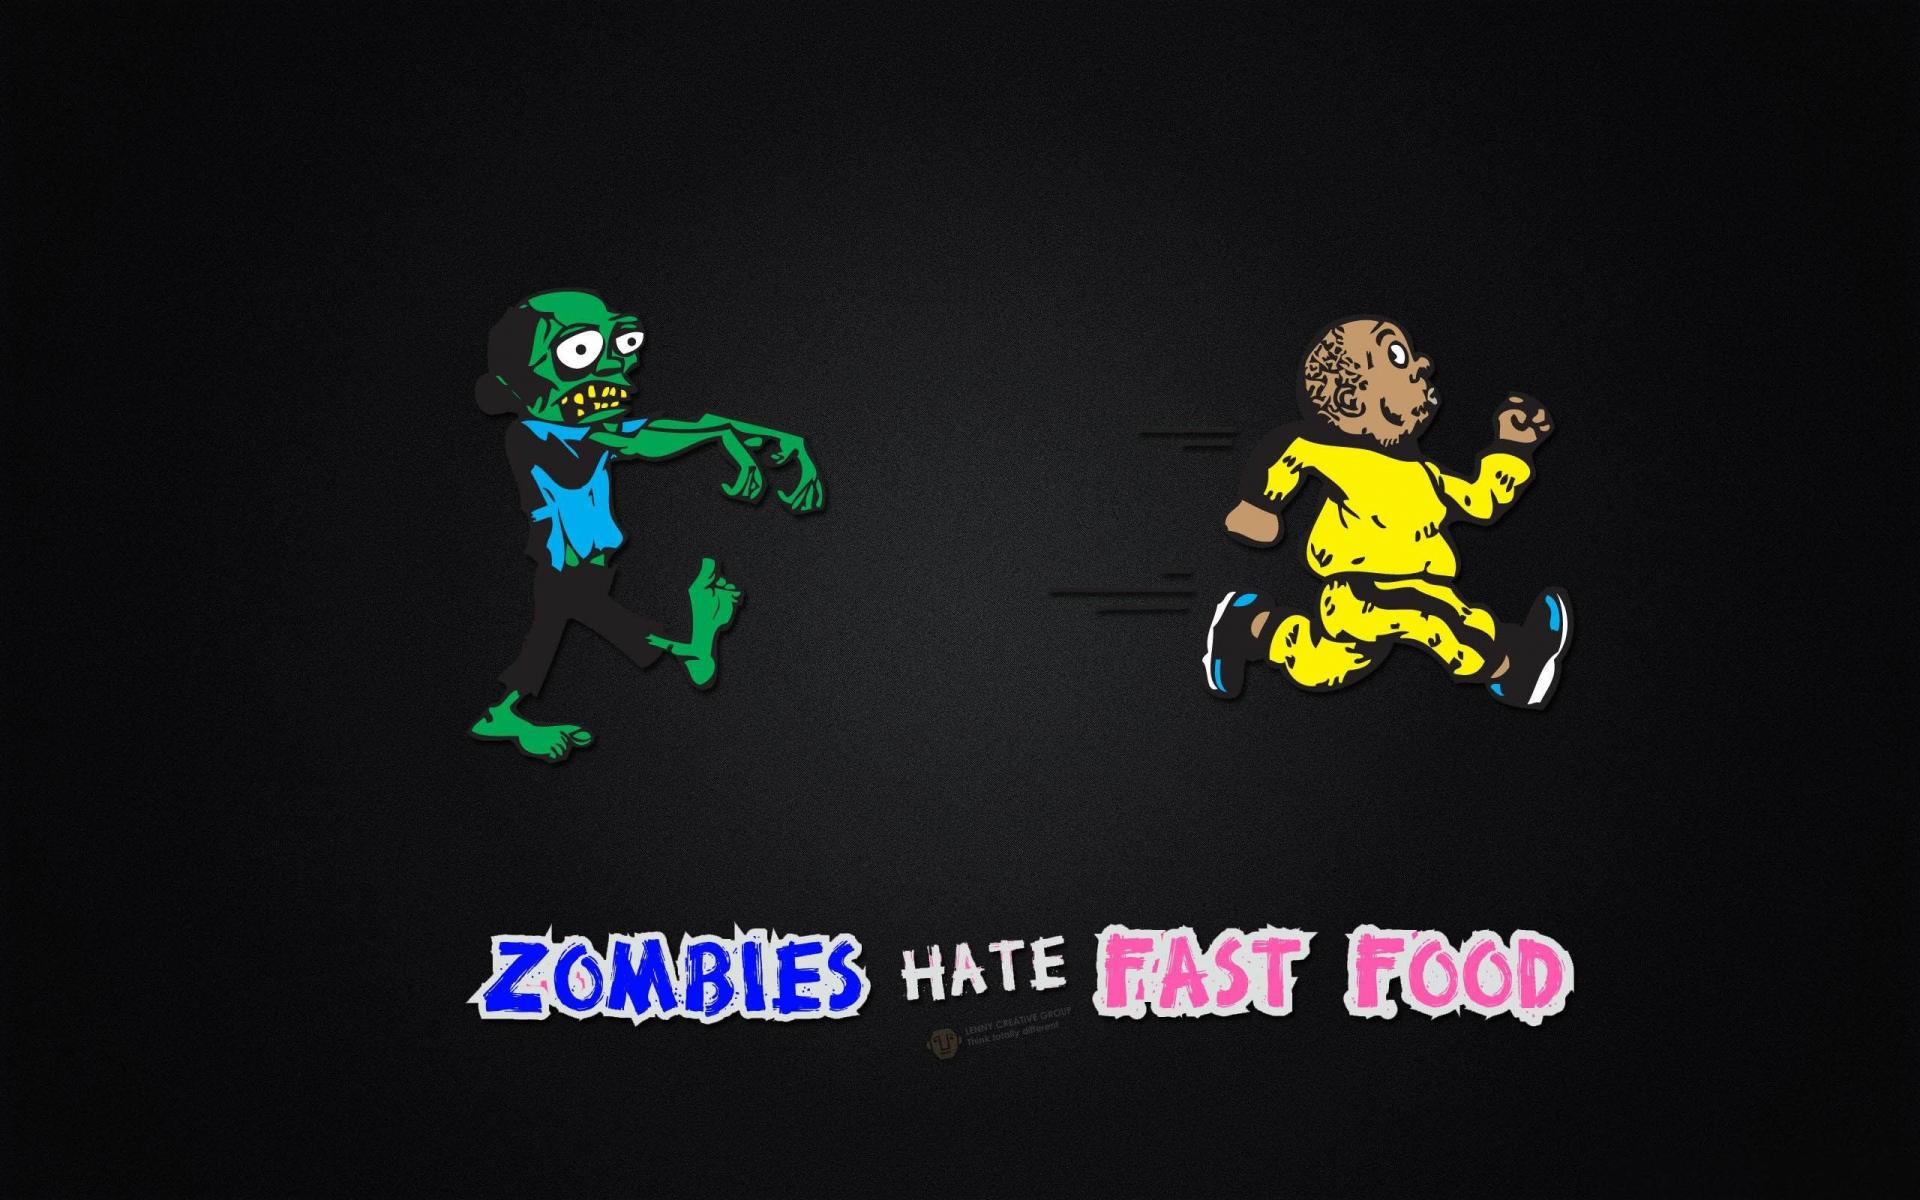 Fondos Graciosos. Los Zombies odian la comida Rápida